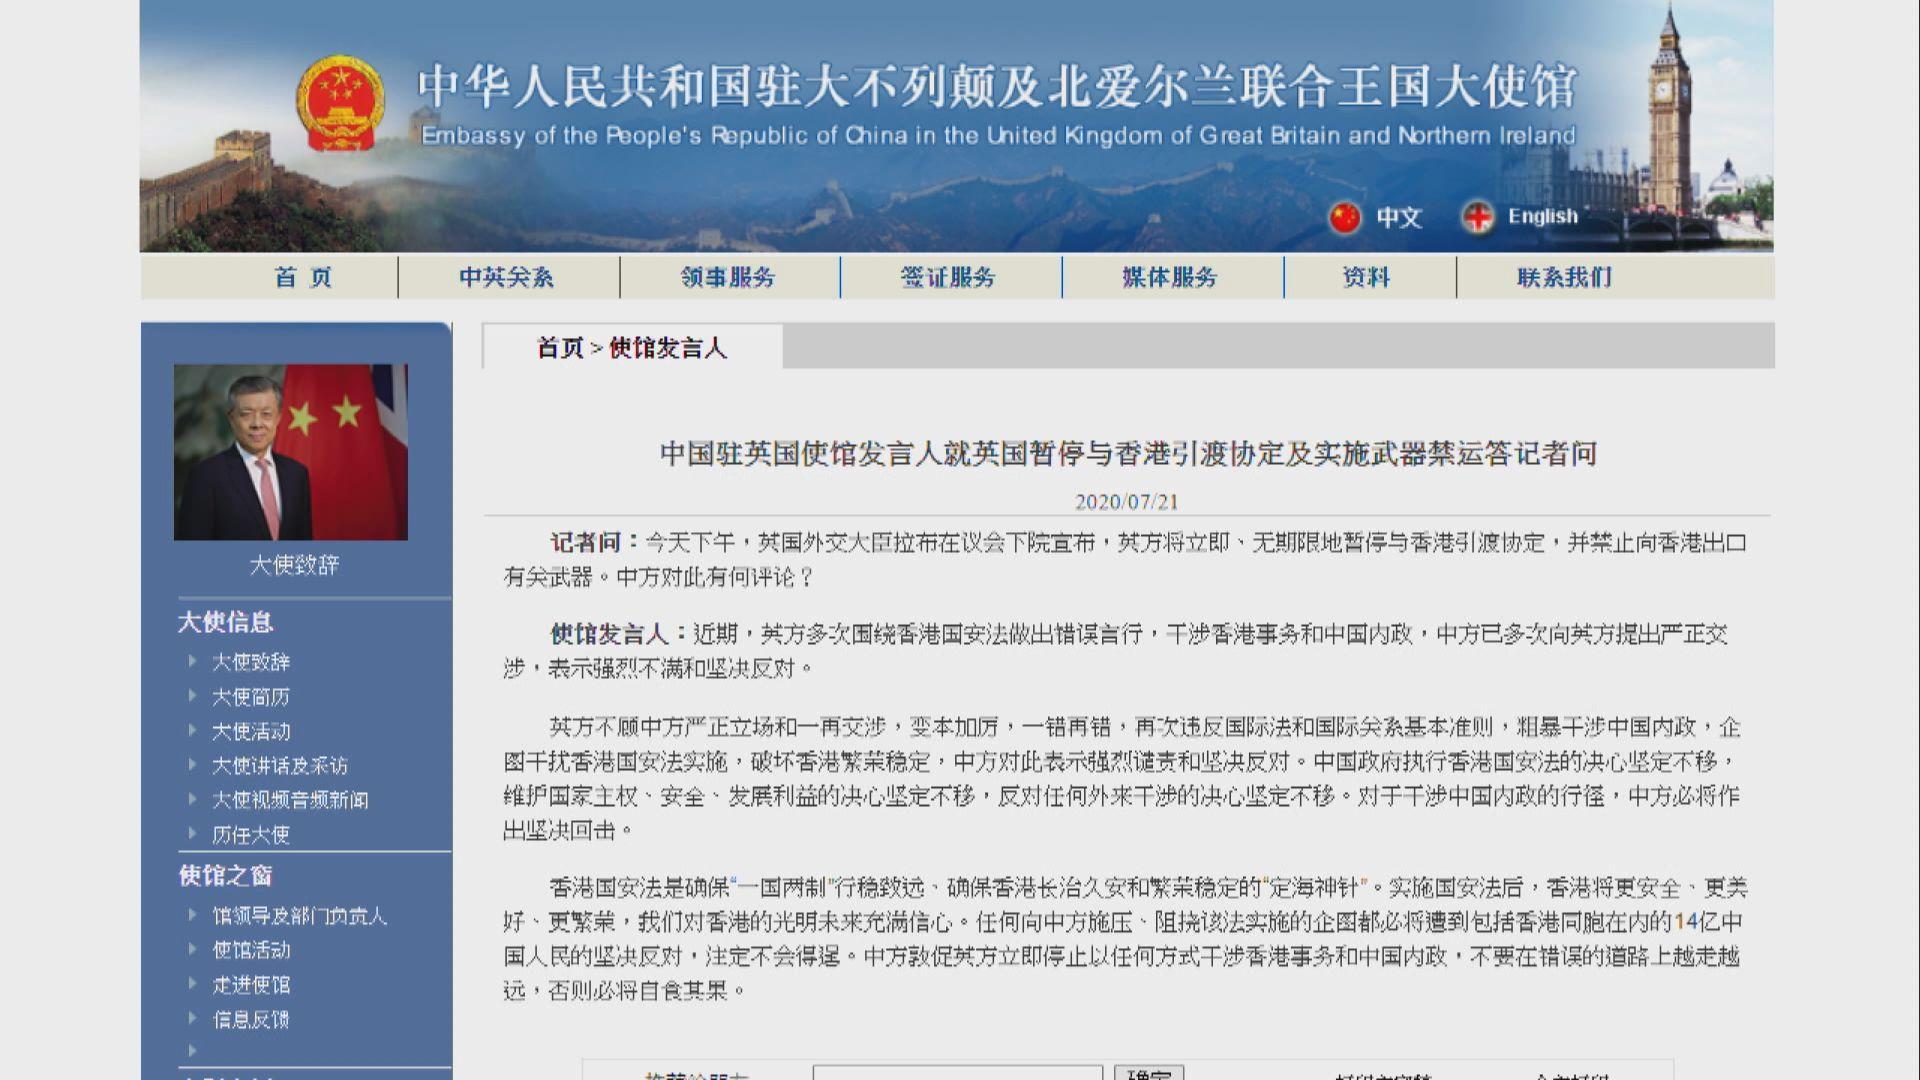 英中止與港引渡協議實施武器禁運 中國駐英使館:英方一錯再錯